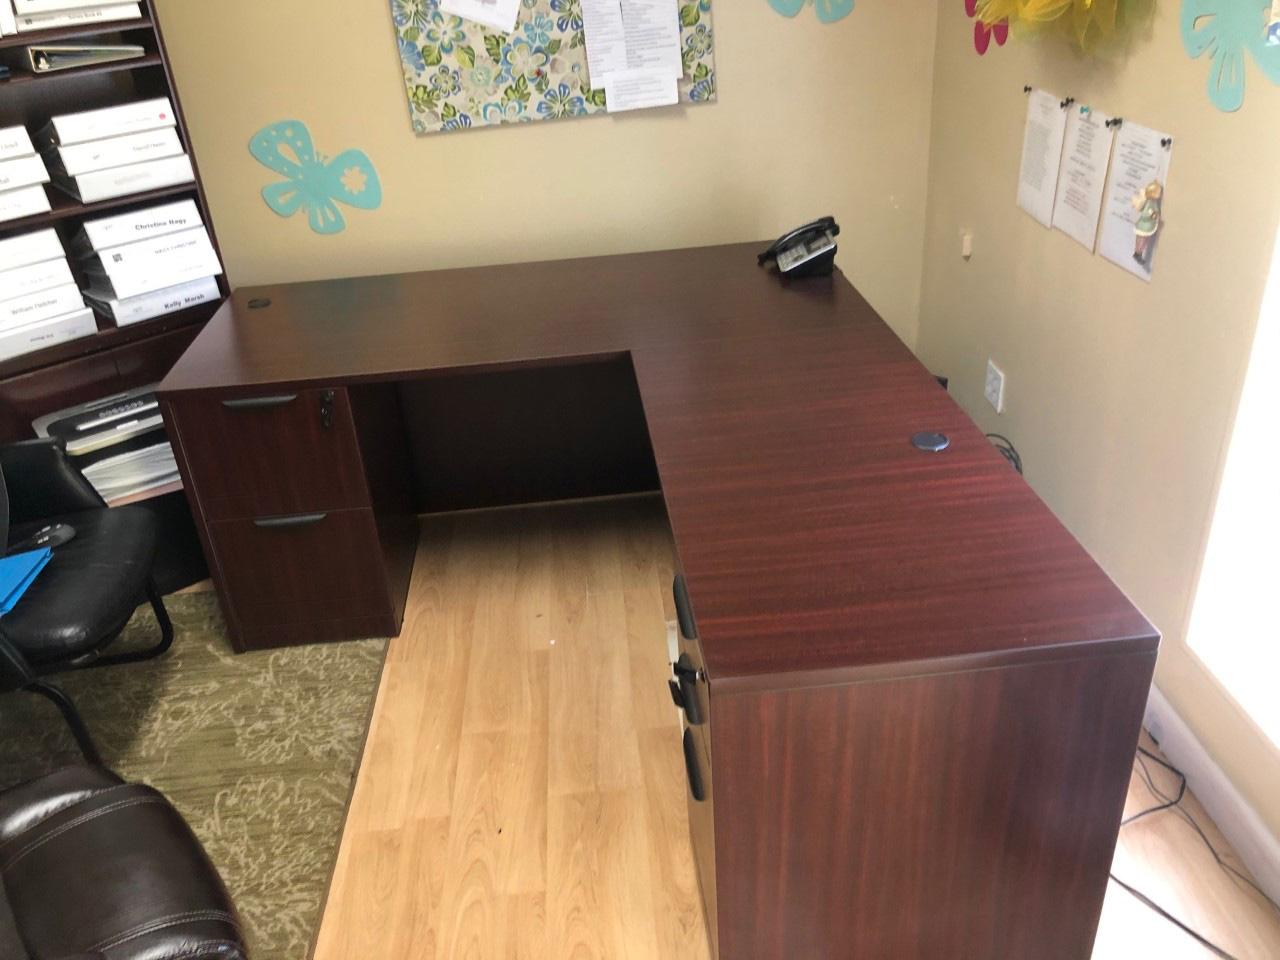 business-furniture-supplier-in-bradenton-florida-5-5-.jpg